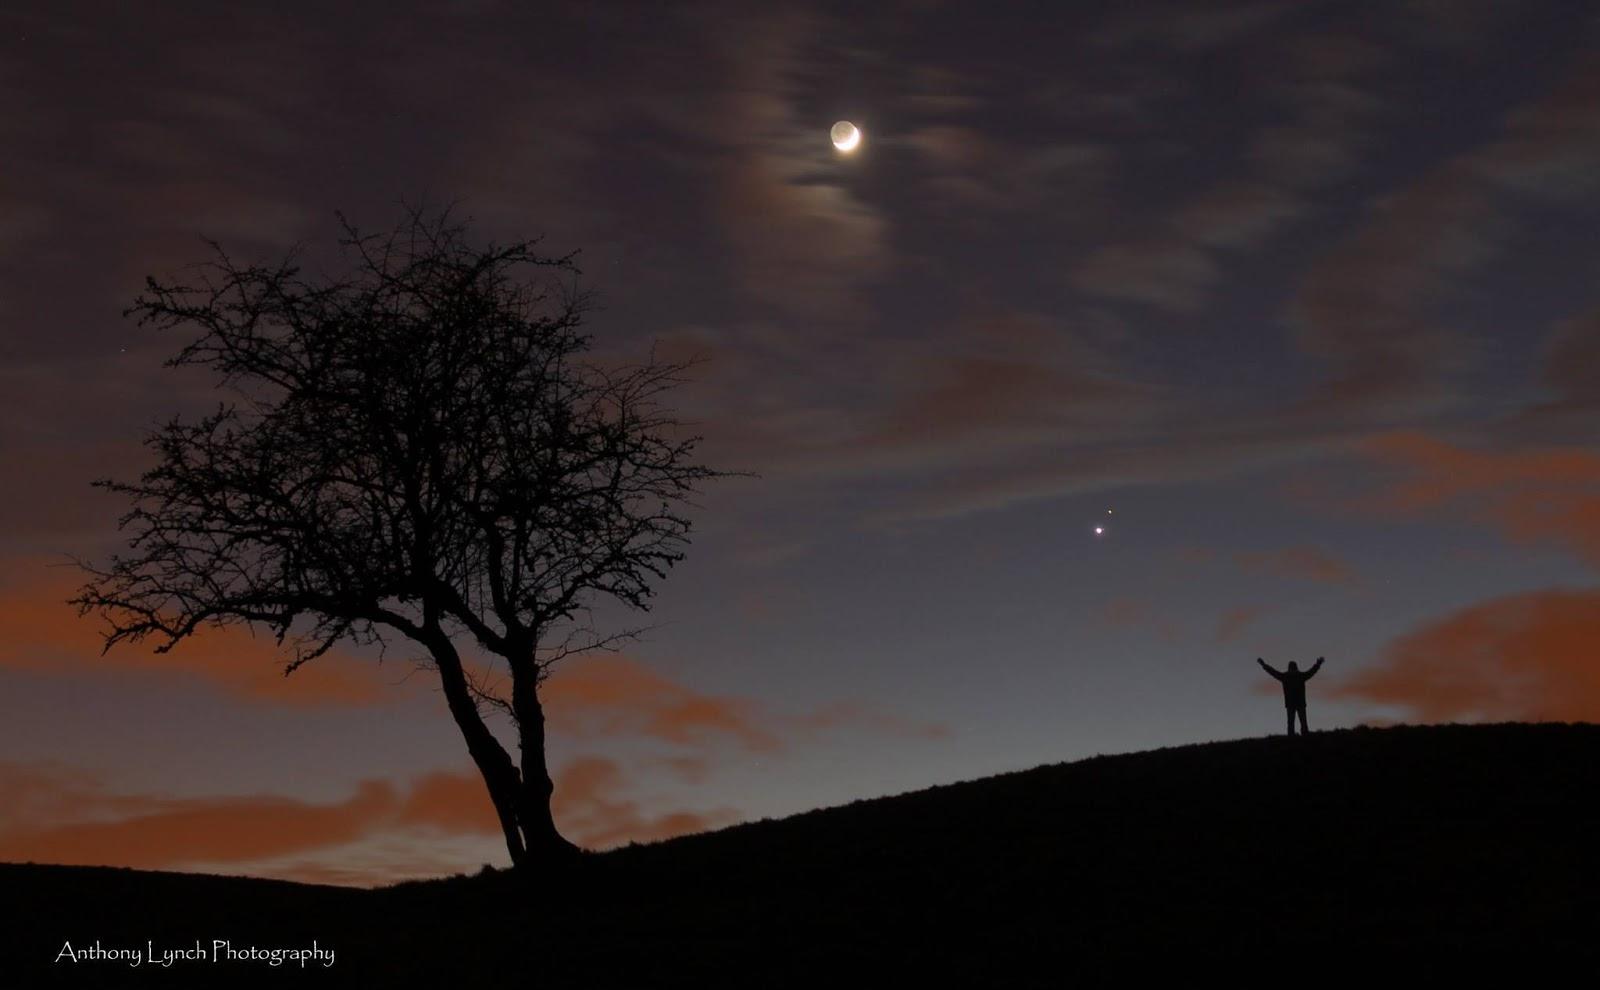 Mặt Trăng cùng hai hành tinh tối ngày 22 tháng 2 năm 2015 ở Ireland. Tác giả : Anthony Lynch.